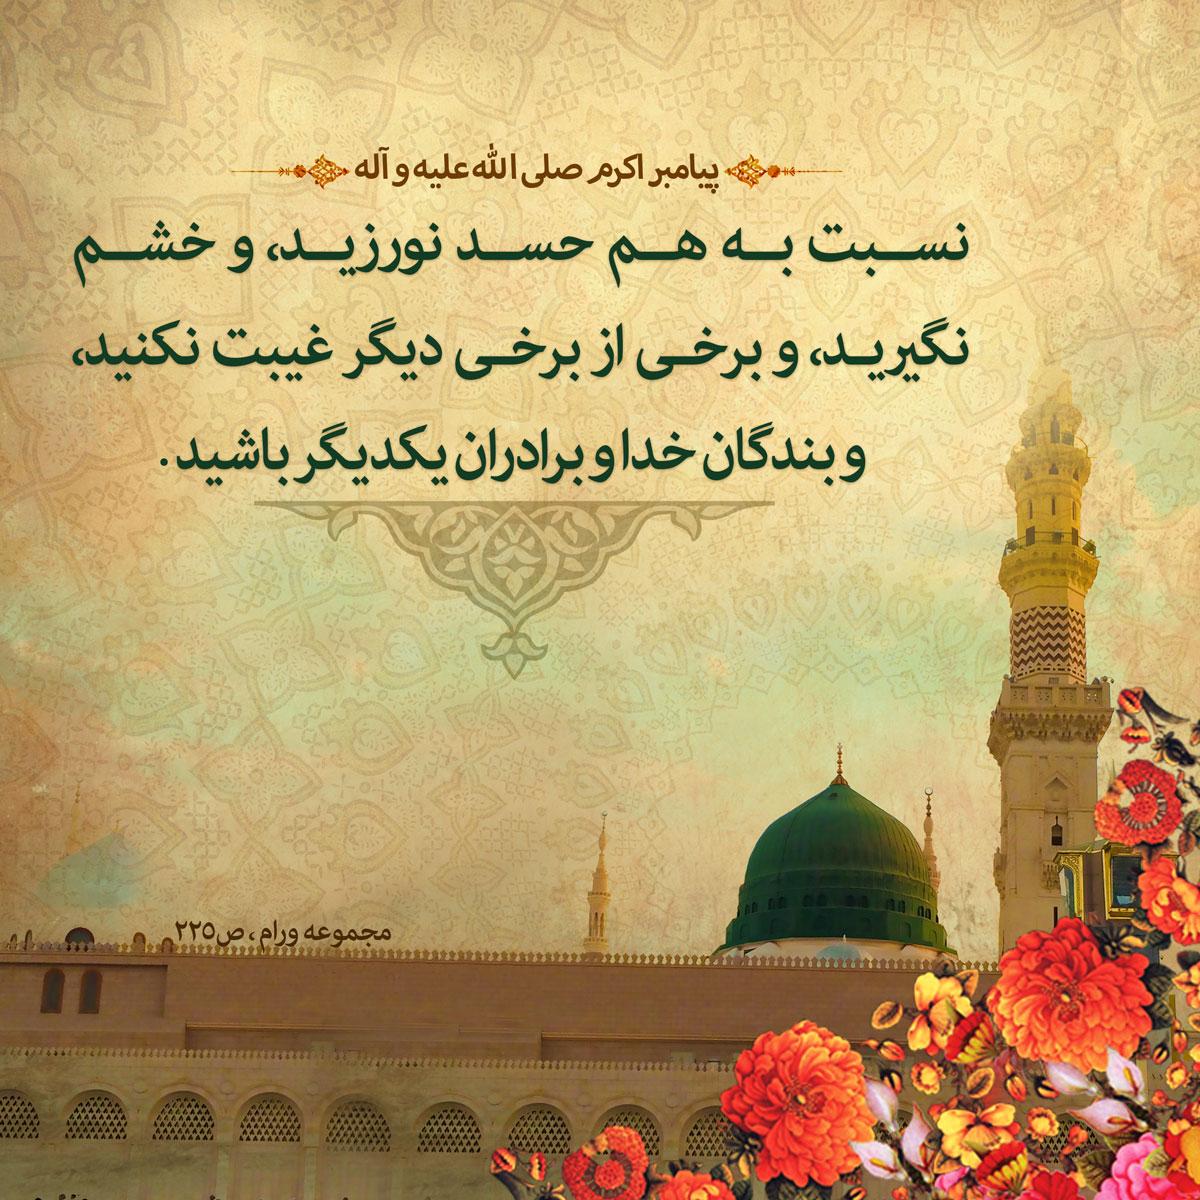 برادری در حدیثی از پيامبر اكرم صلى الله عليه و آله (عکس نوشته و پوستر)